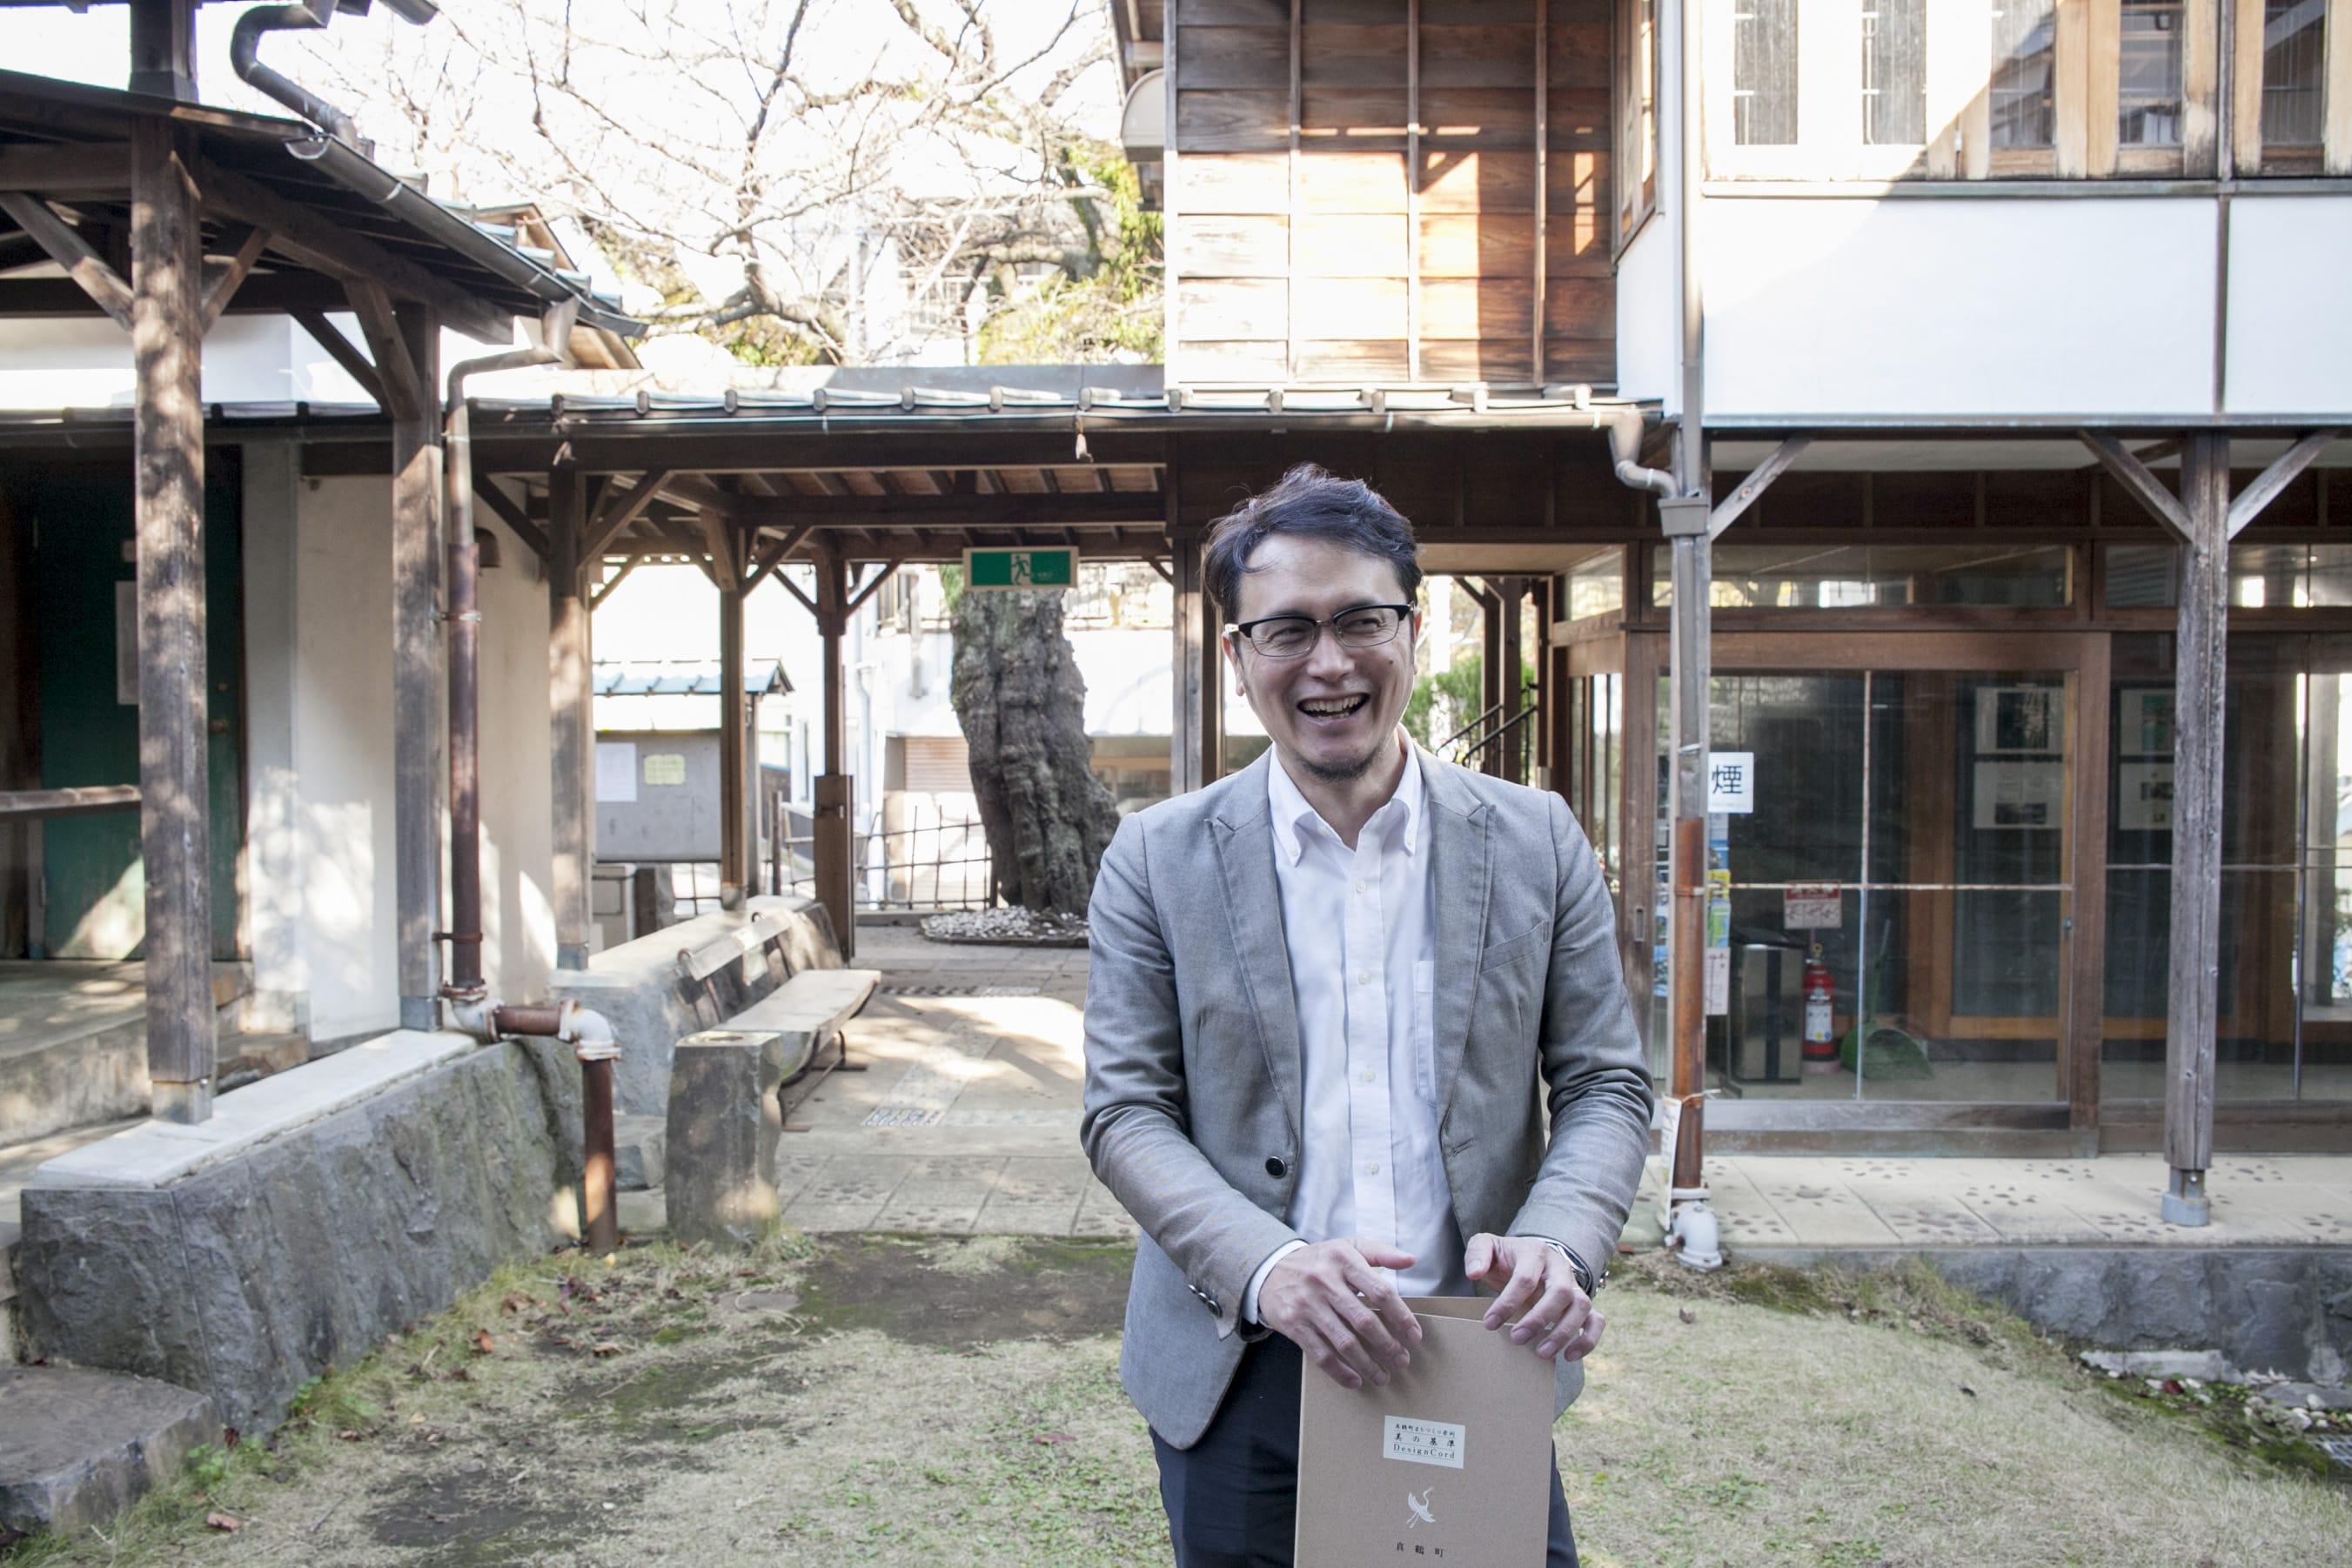 大阪出身の卜部さん。学生時代に出会った真鶴町の『美の基準』をきっかけに、2000年に移住。現在は、真鶴町役場に勤務。